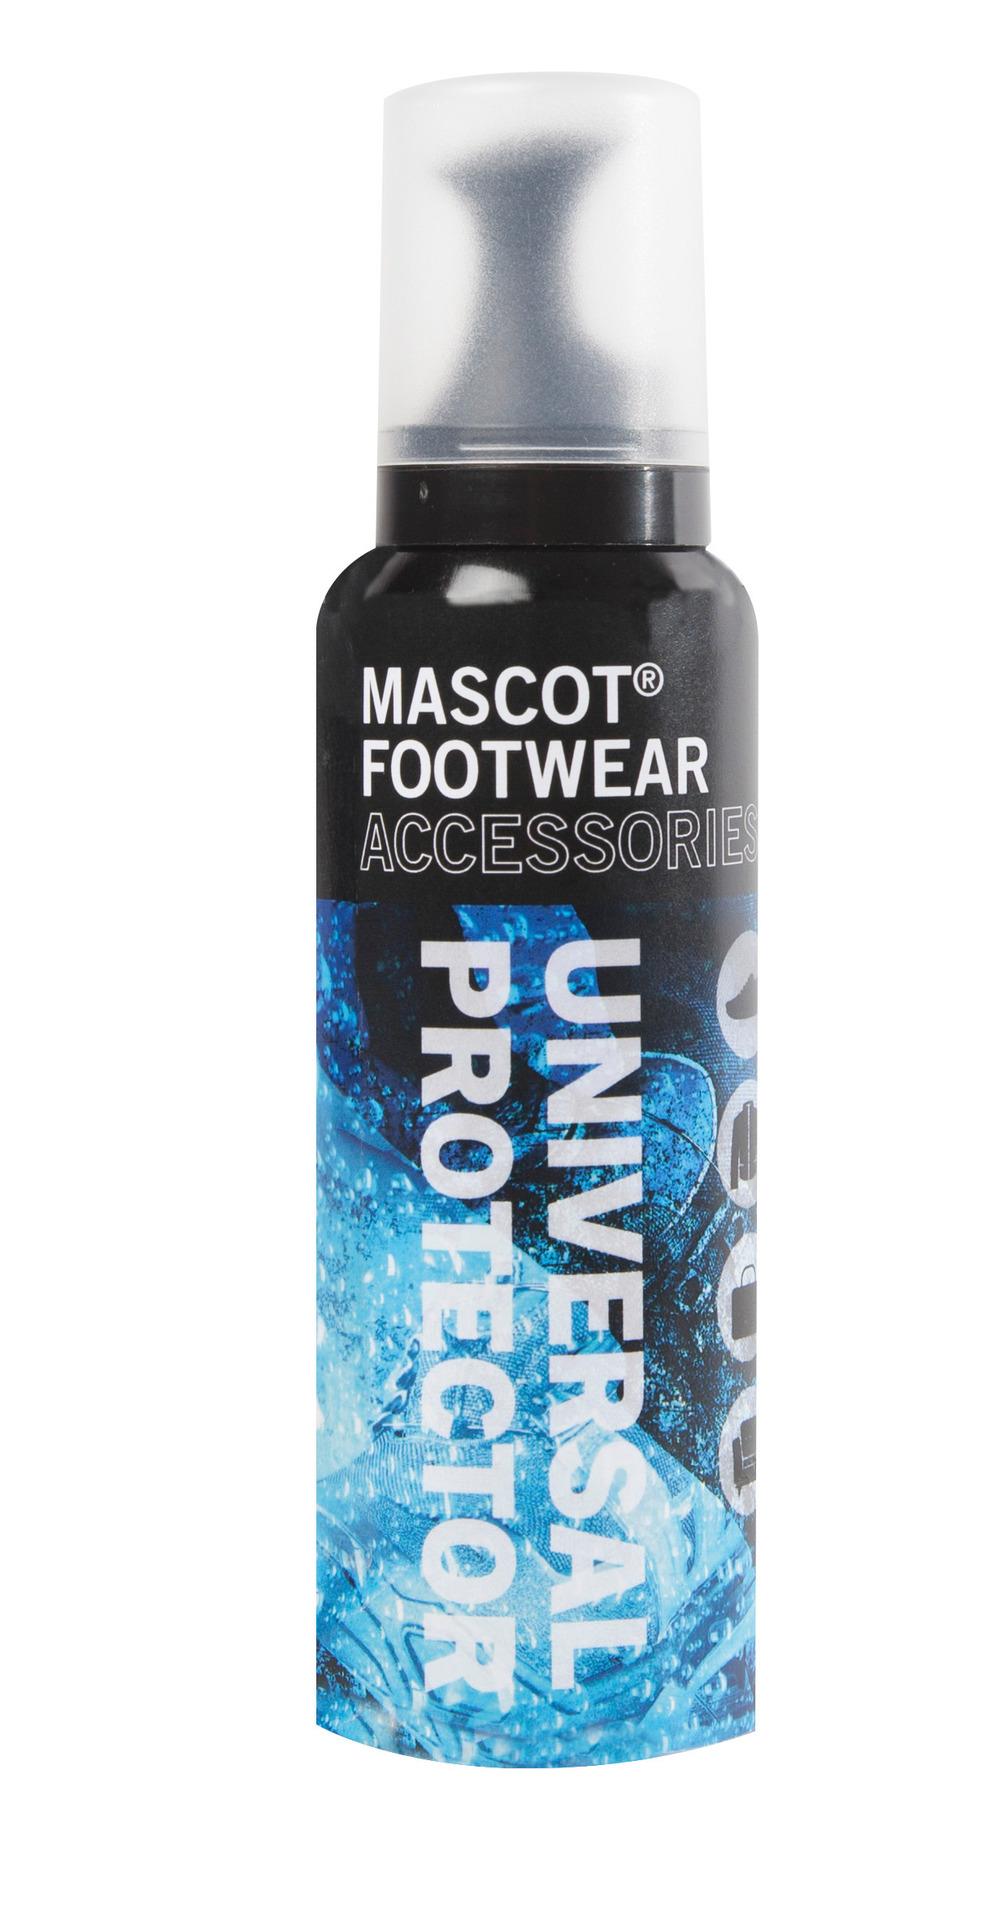 FT089-980-88 Mousse nettoyante pour chaussures - Transparent